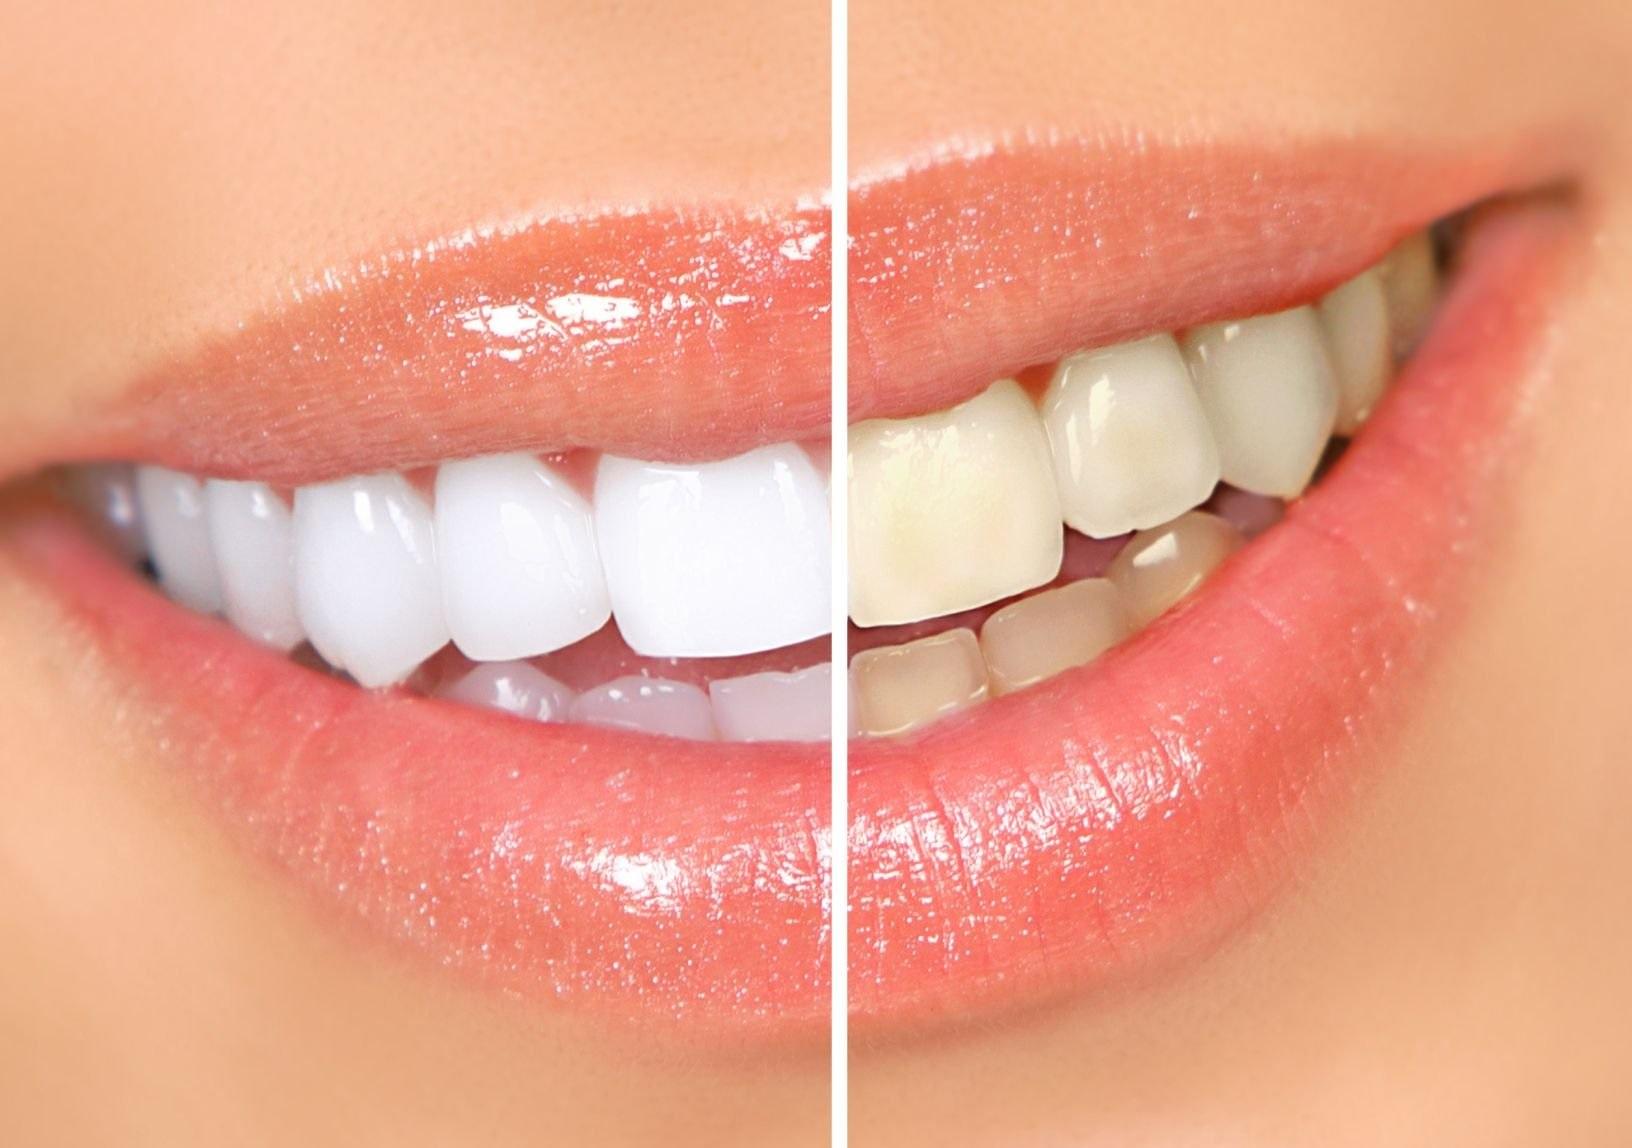 отбеливание зубов в кресле яйце отзывы